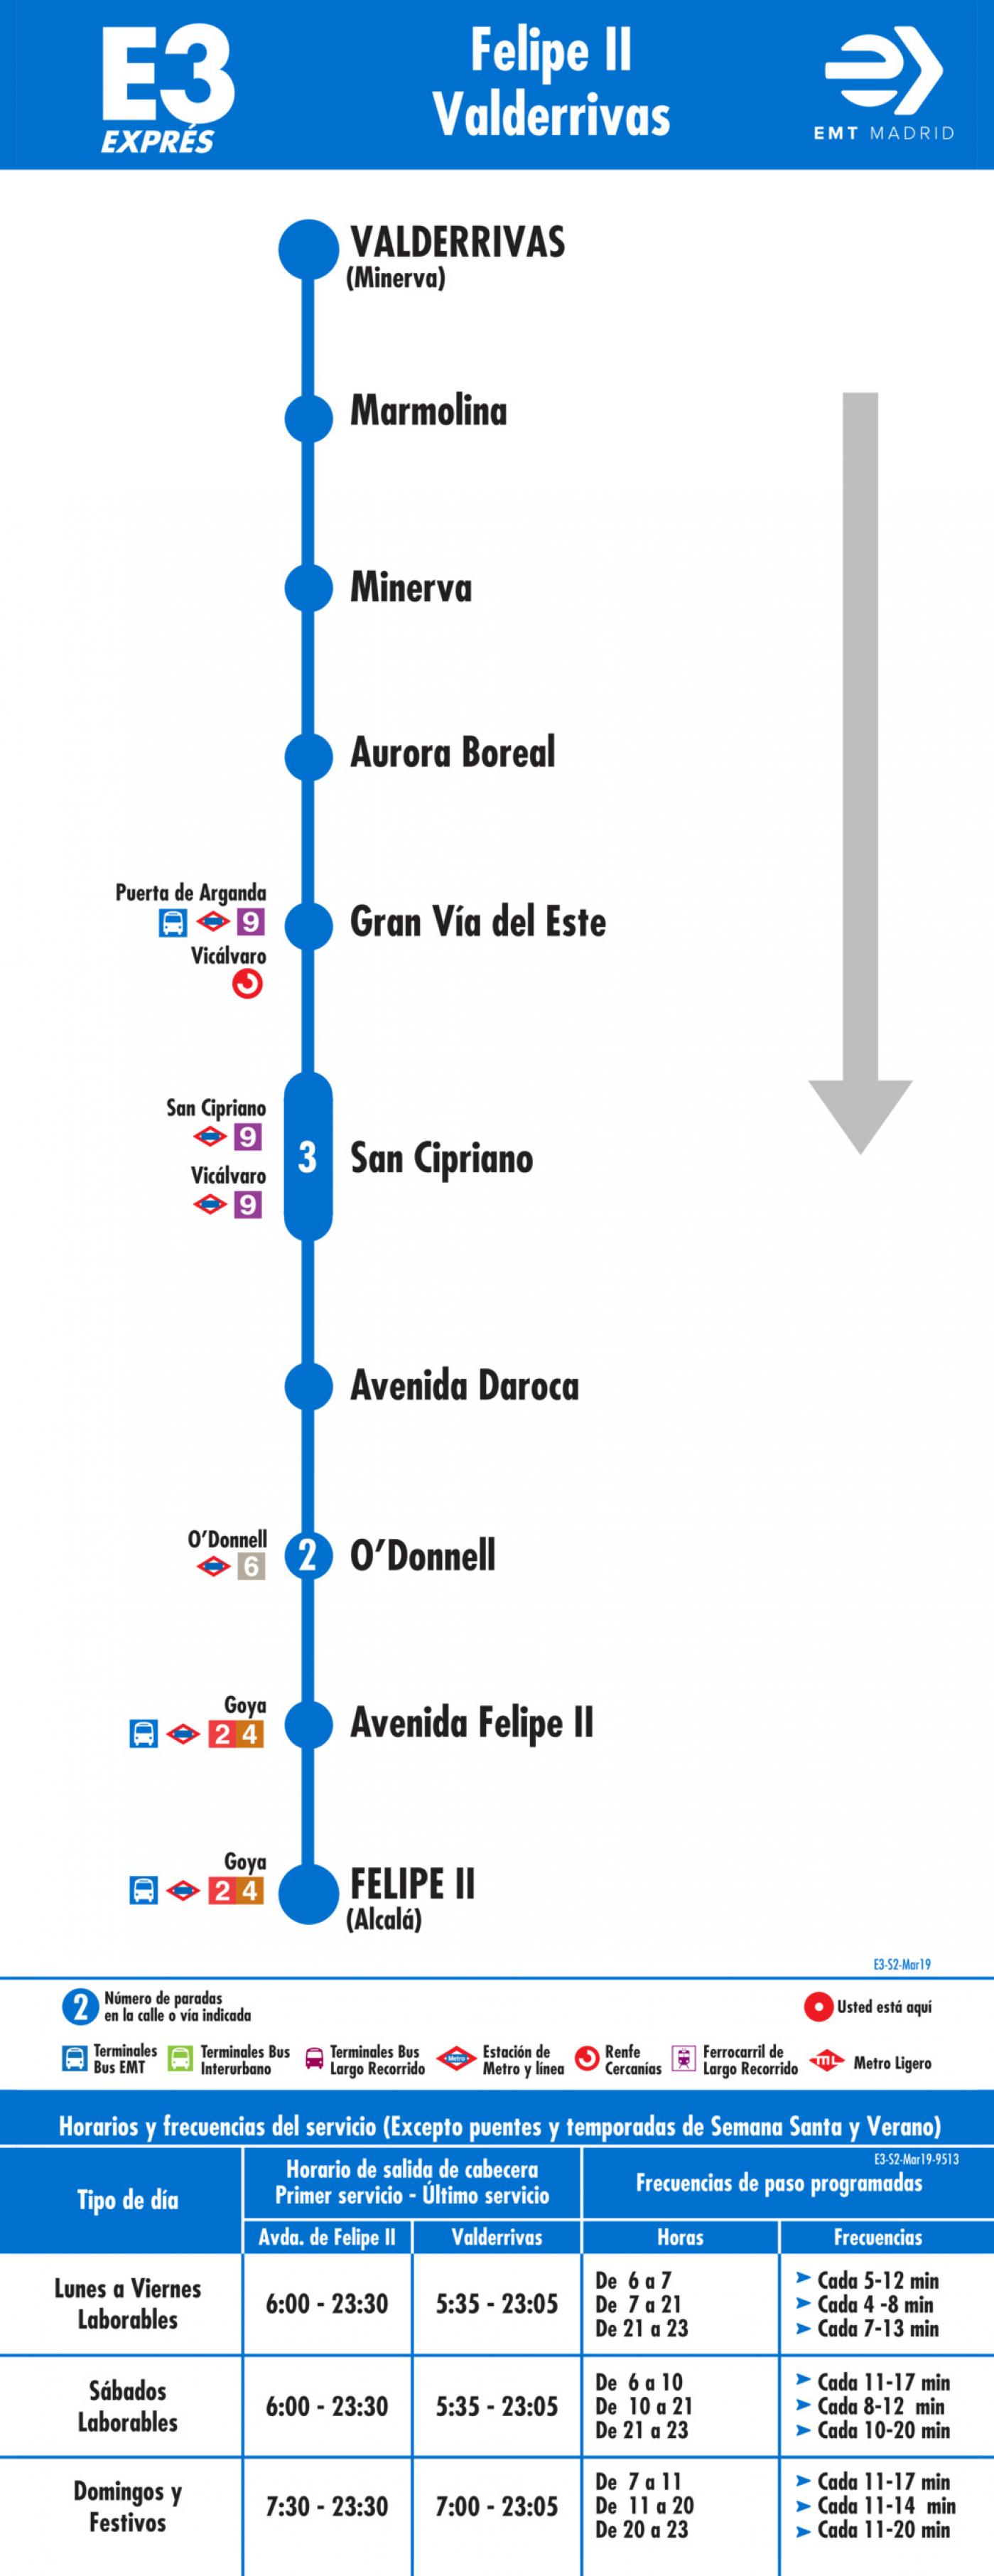 Tabla de horarios y frecuencias de paso en sentido vuelta Línea E3: Avenida de Felipe II - Puerta de Arganda